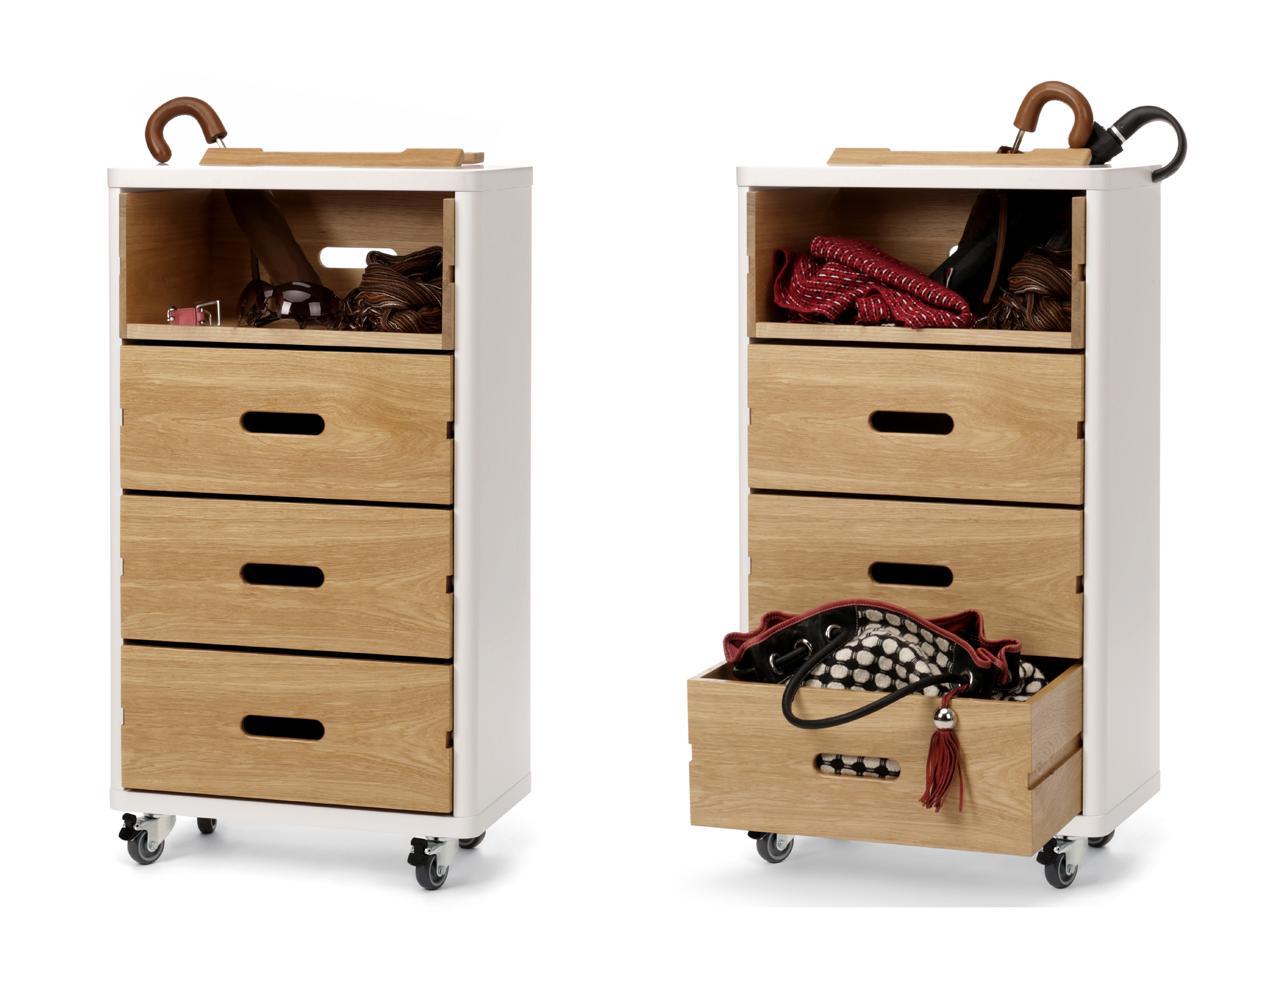 schrank auf rollen in wei und holz cow. Black Bedroom Furniture Sets. Home Design Ideas